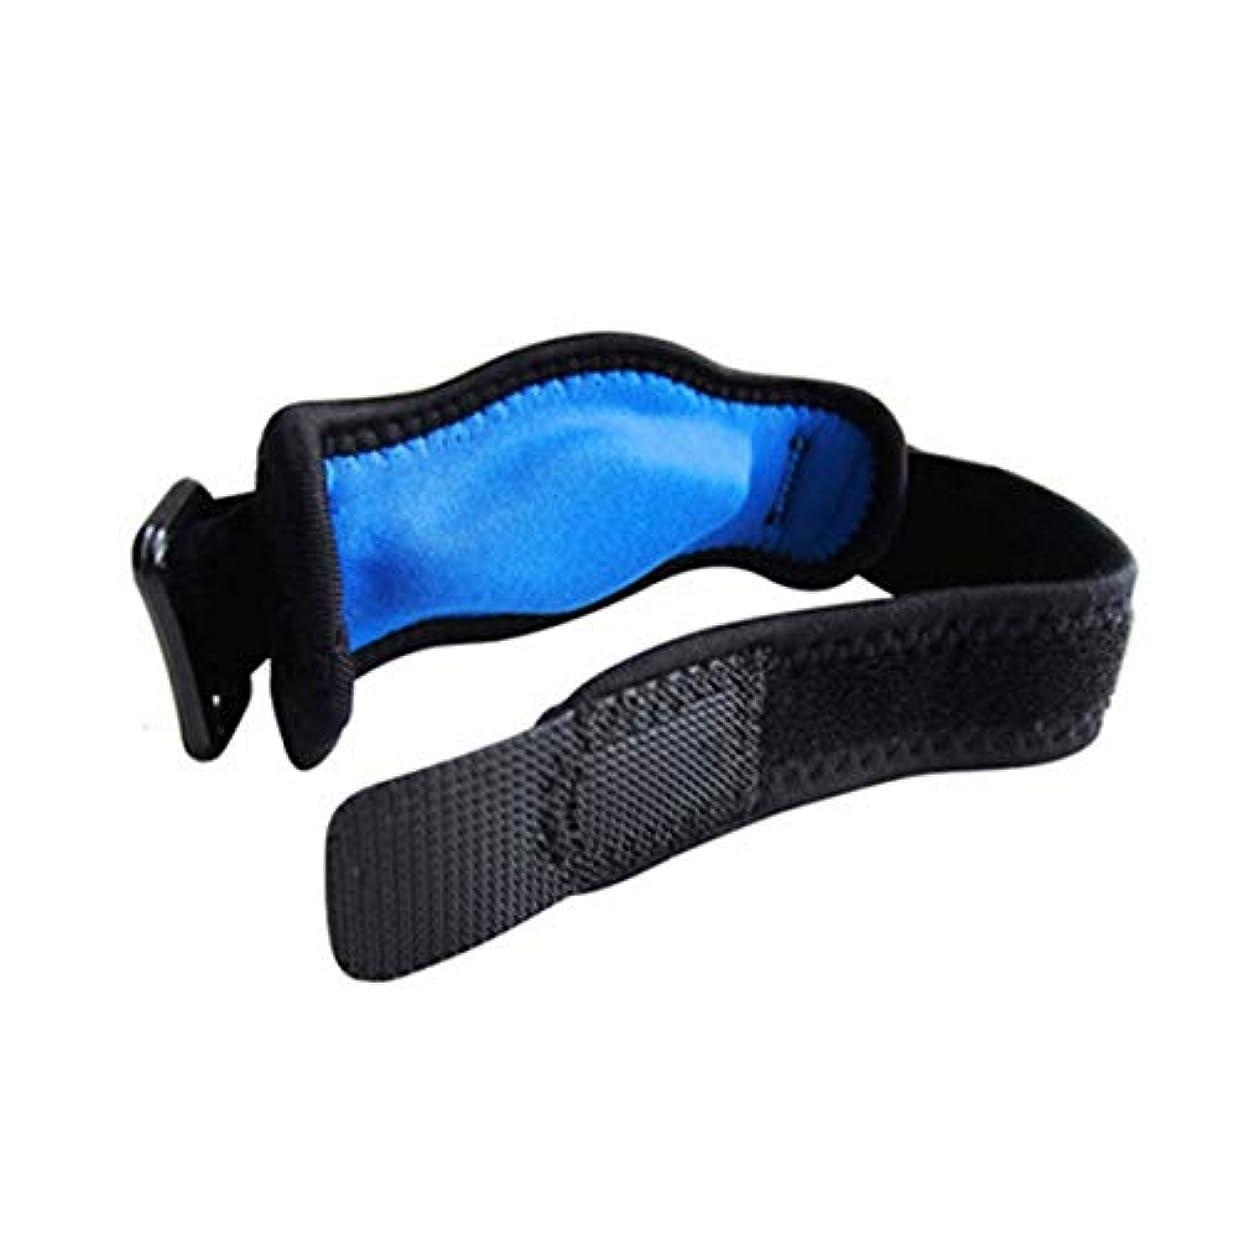 に負けるボンド緩める調整可能なテニス肘サポートストラップブレースゴルフ前腕の痛みの軽減-ブラック